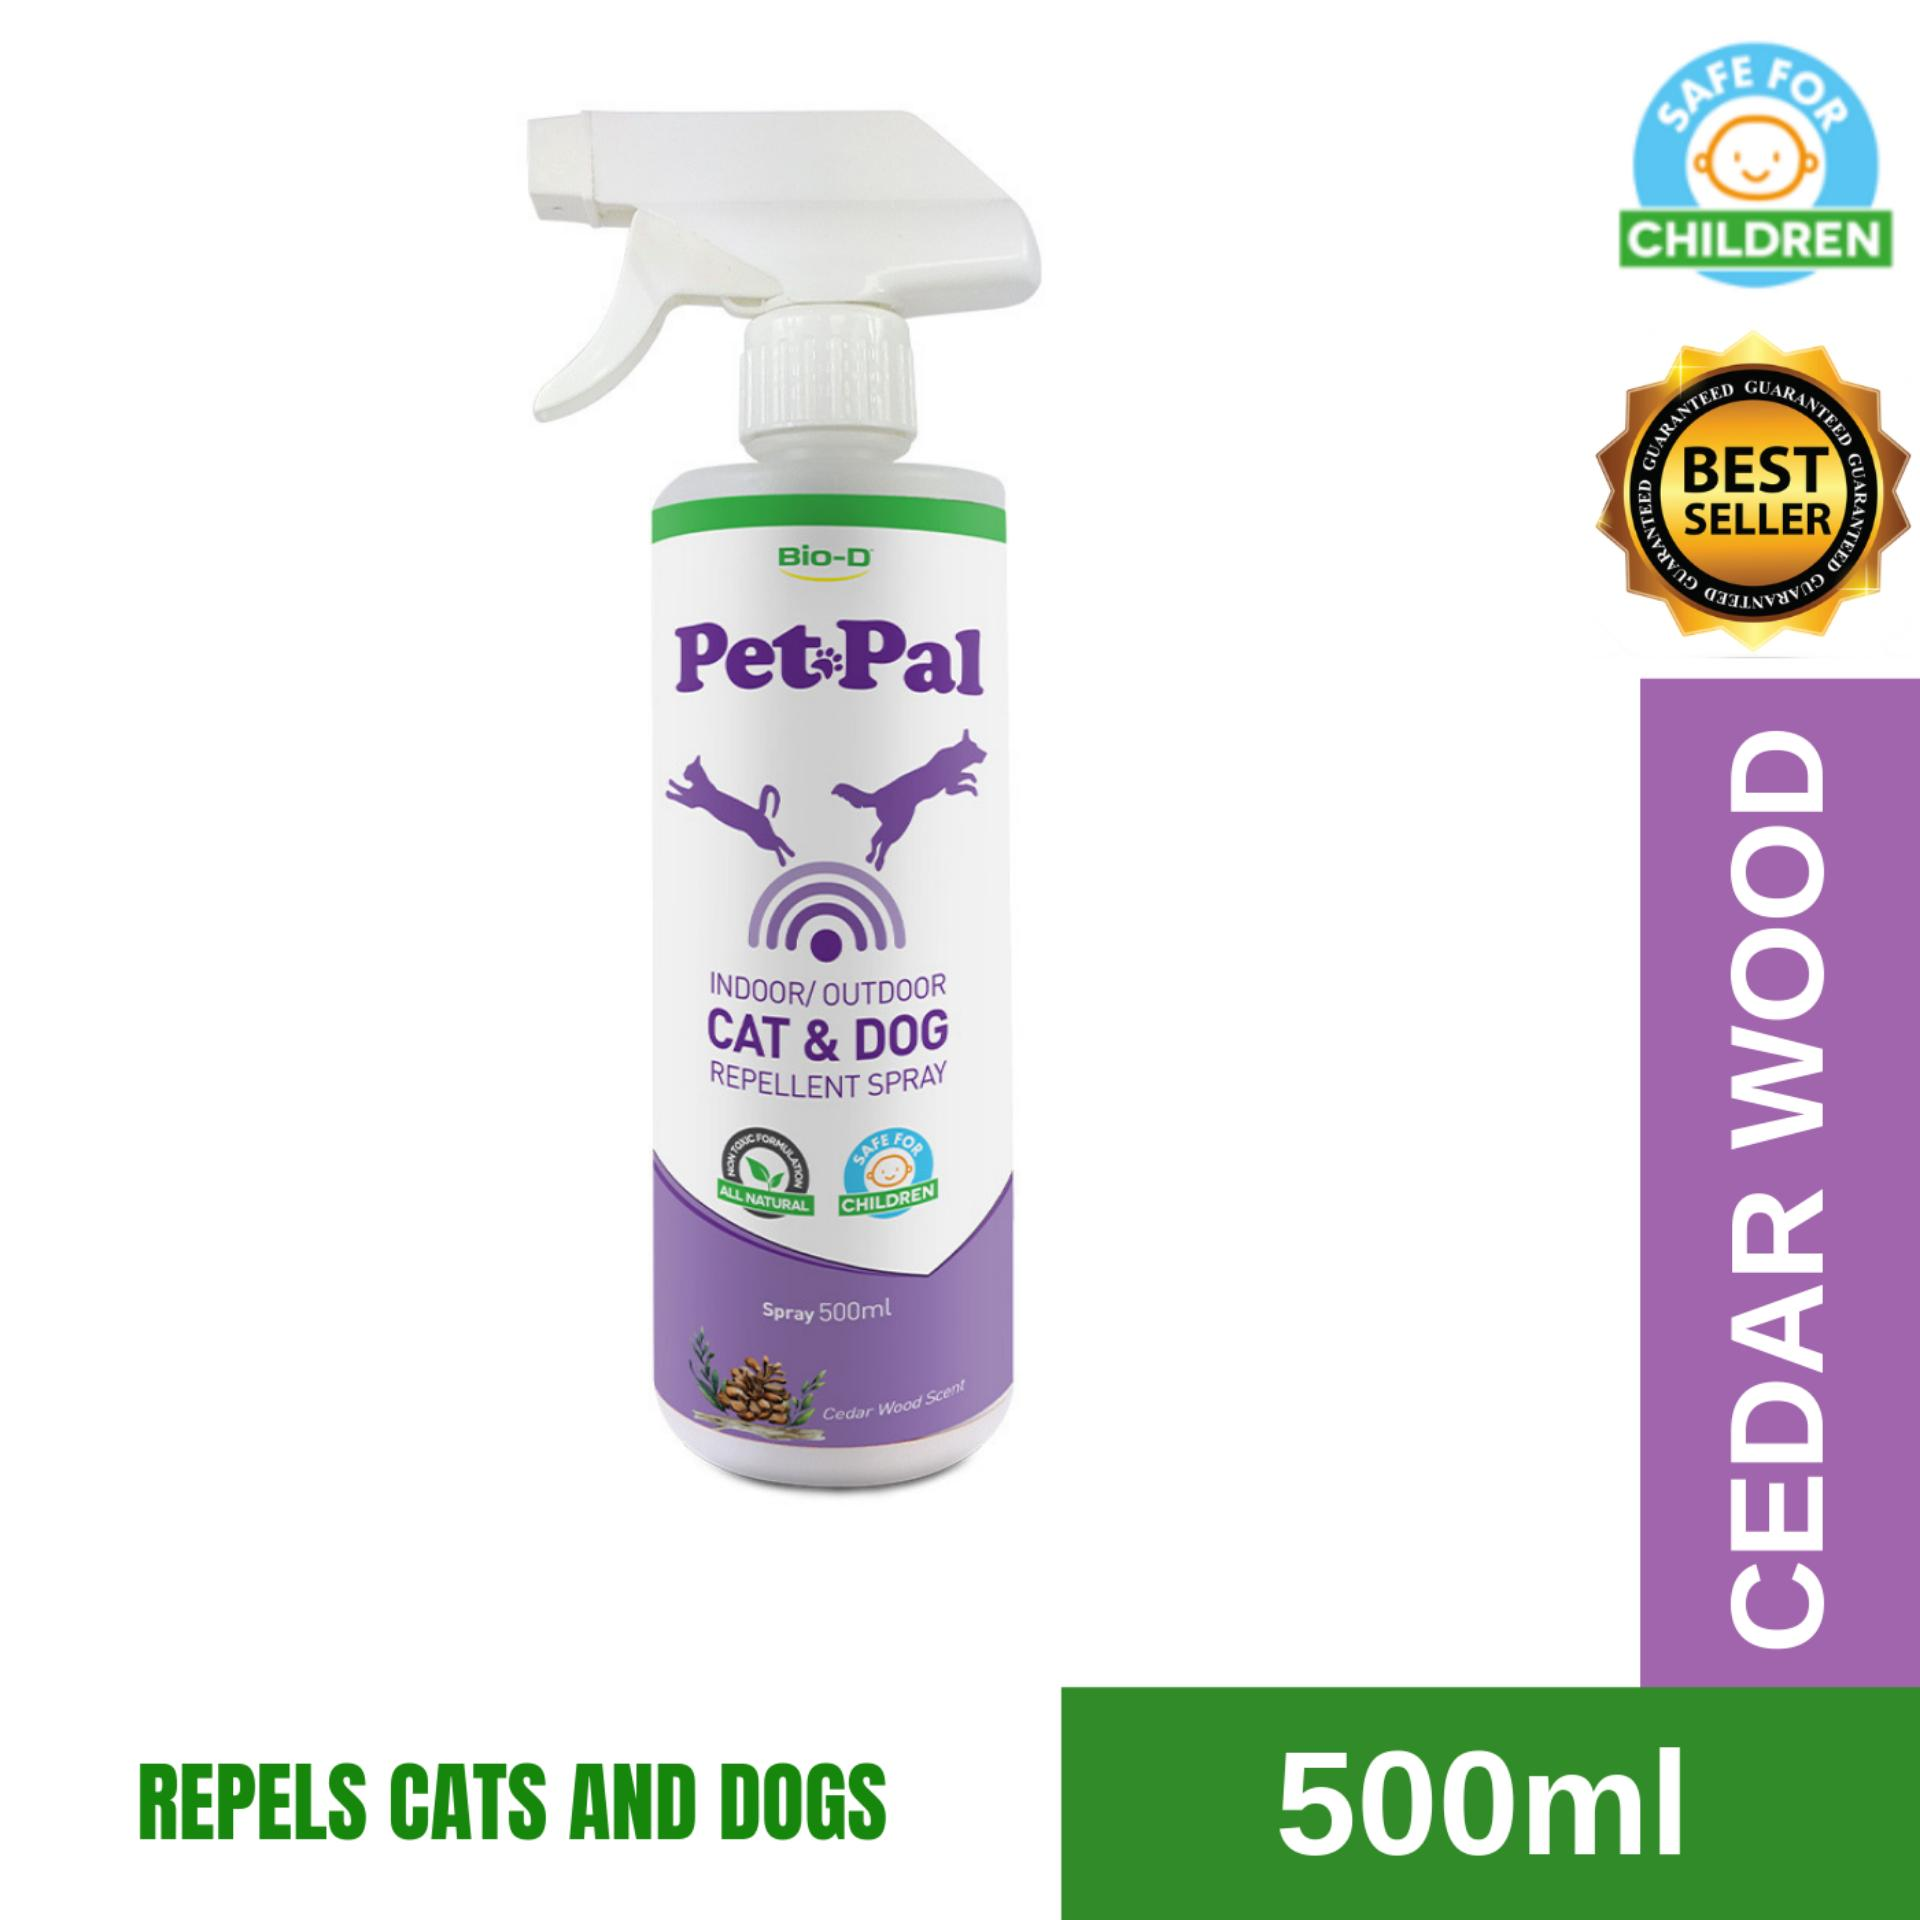 Bio-D Cat & Dog Repellent Spray